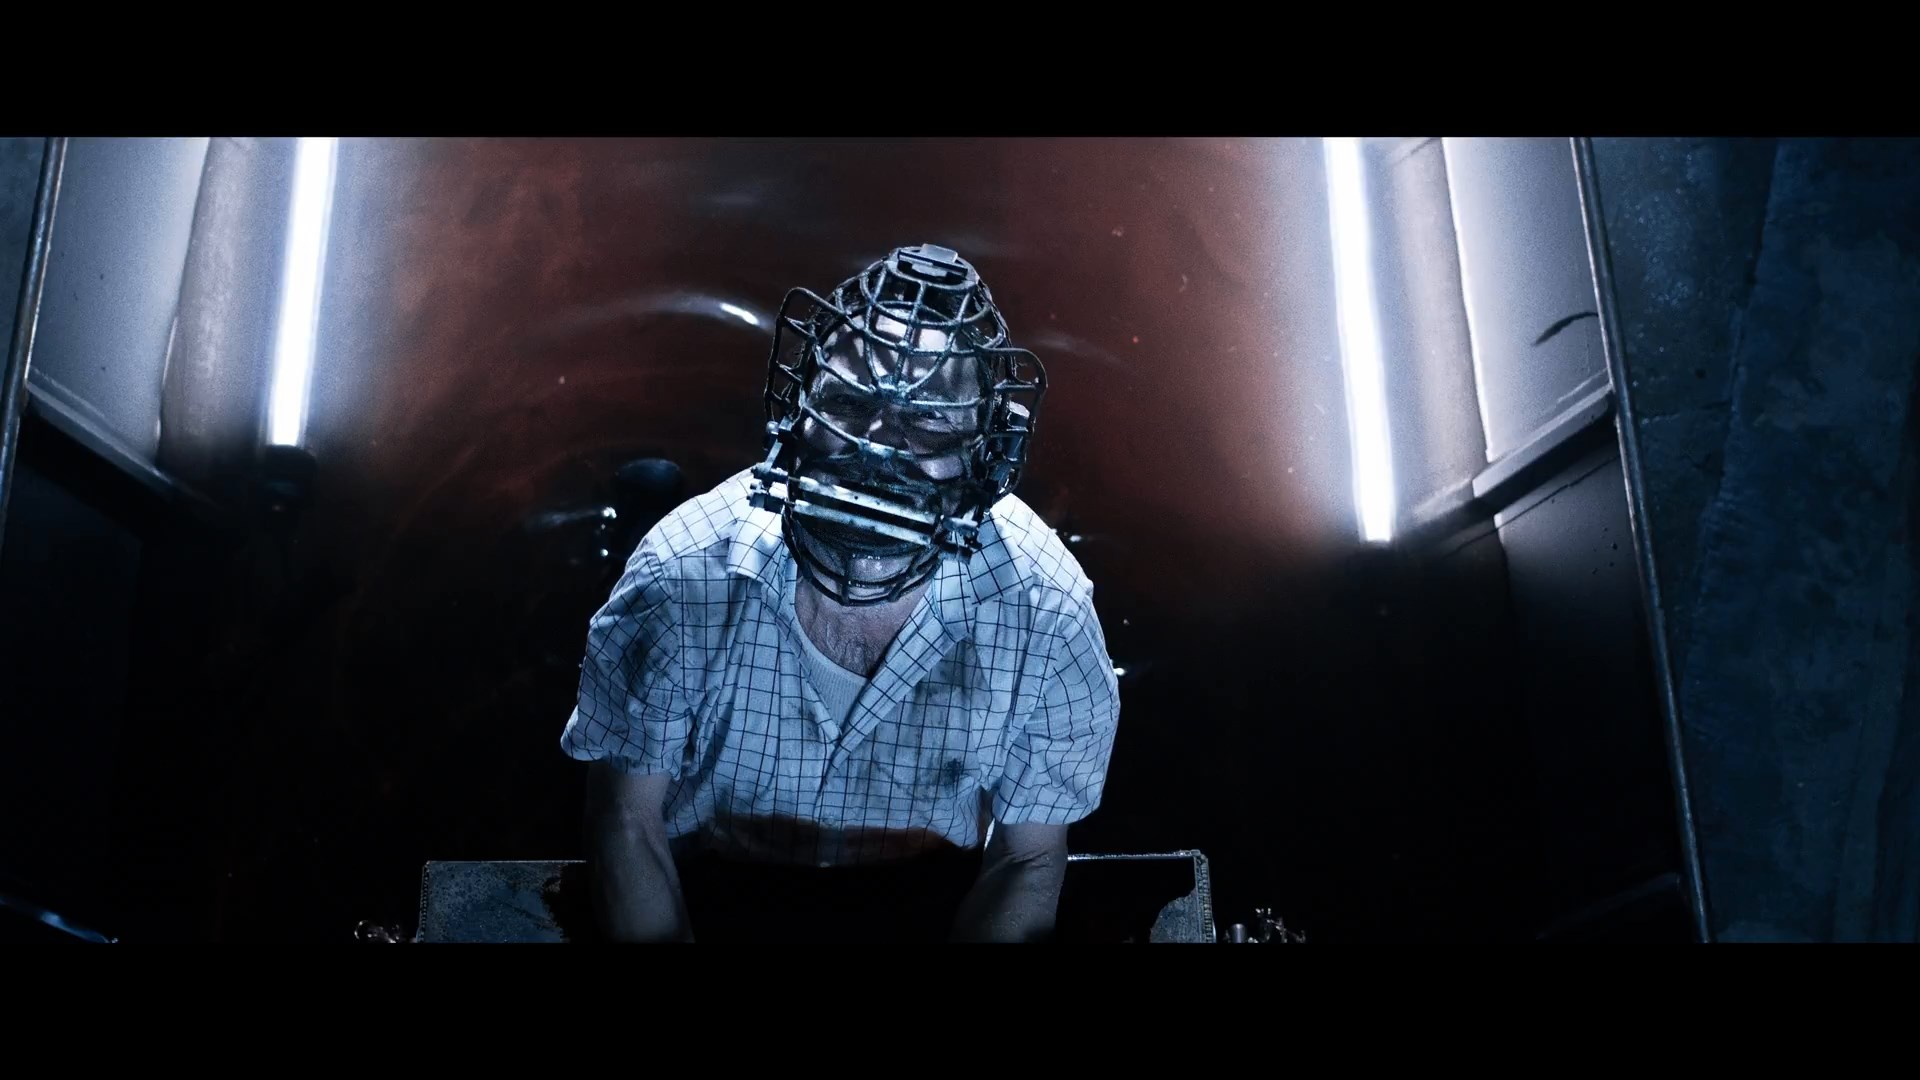 Espiral: El juego del miedo continúa (2021) 1080p WEB-DL AMZN Latino